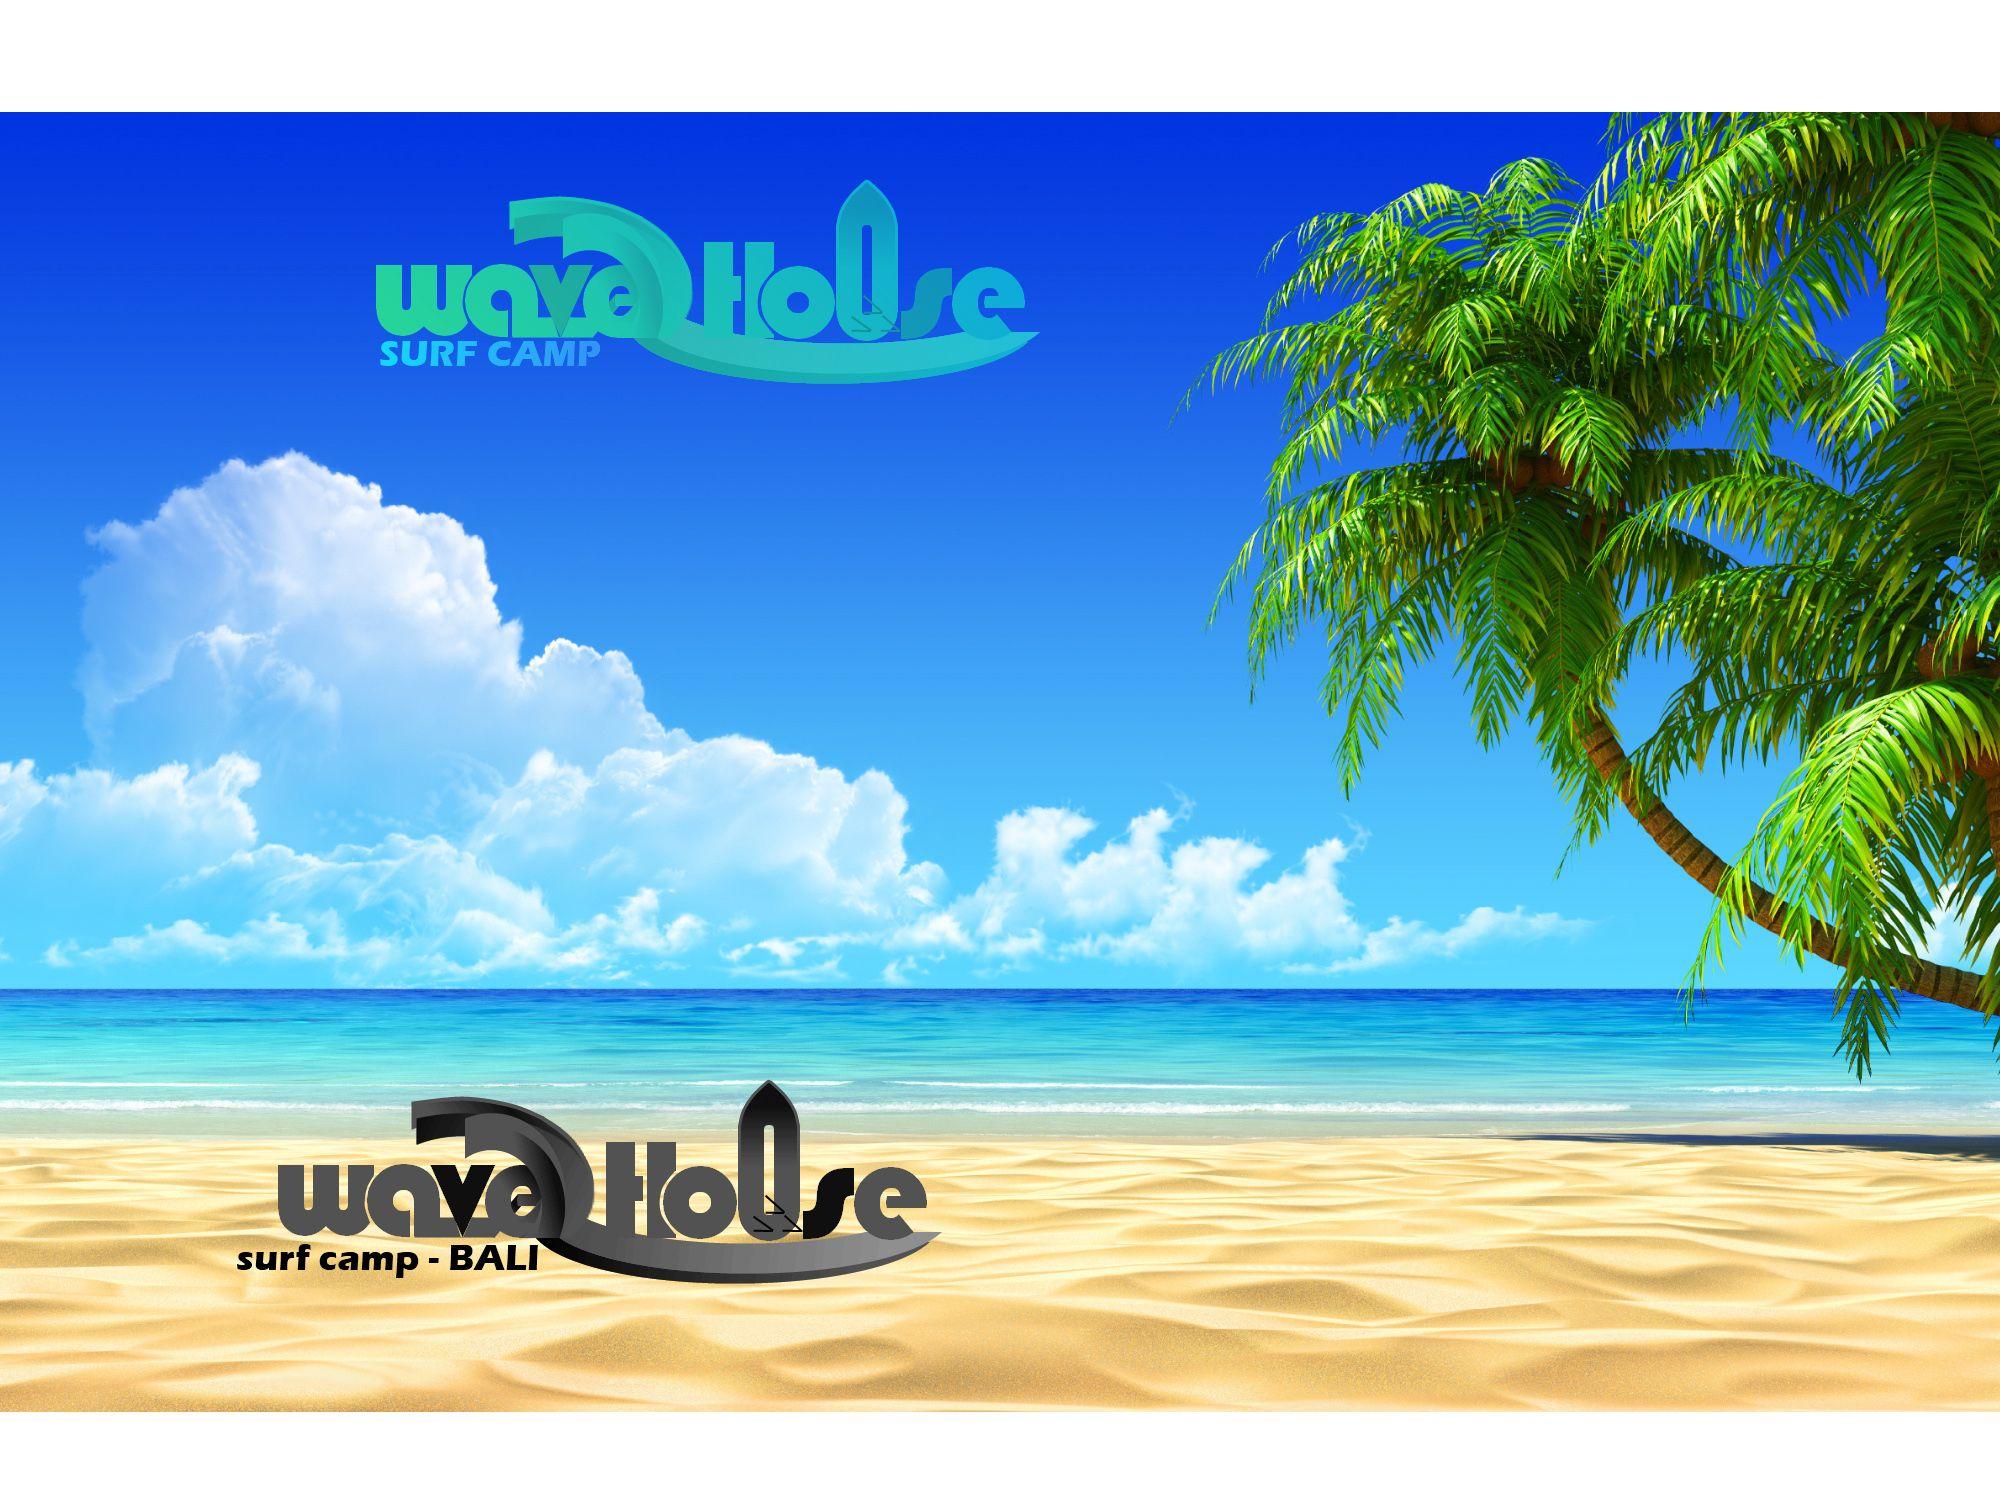 Редизайн логотипа для серф-кэмпа на Бали - дизайнер GQmyteam